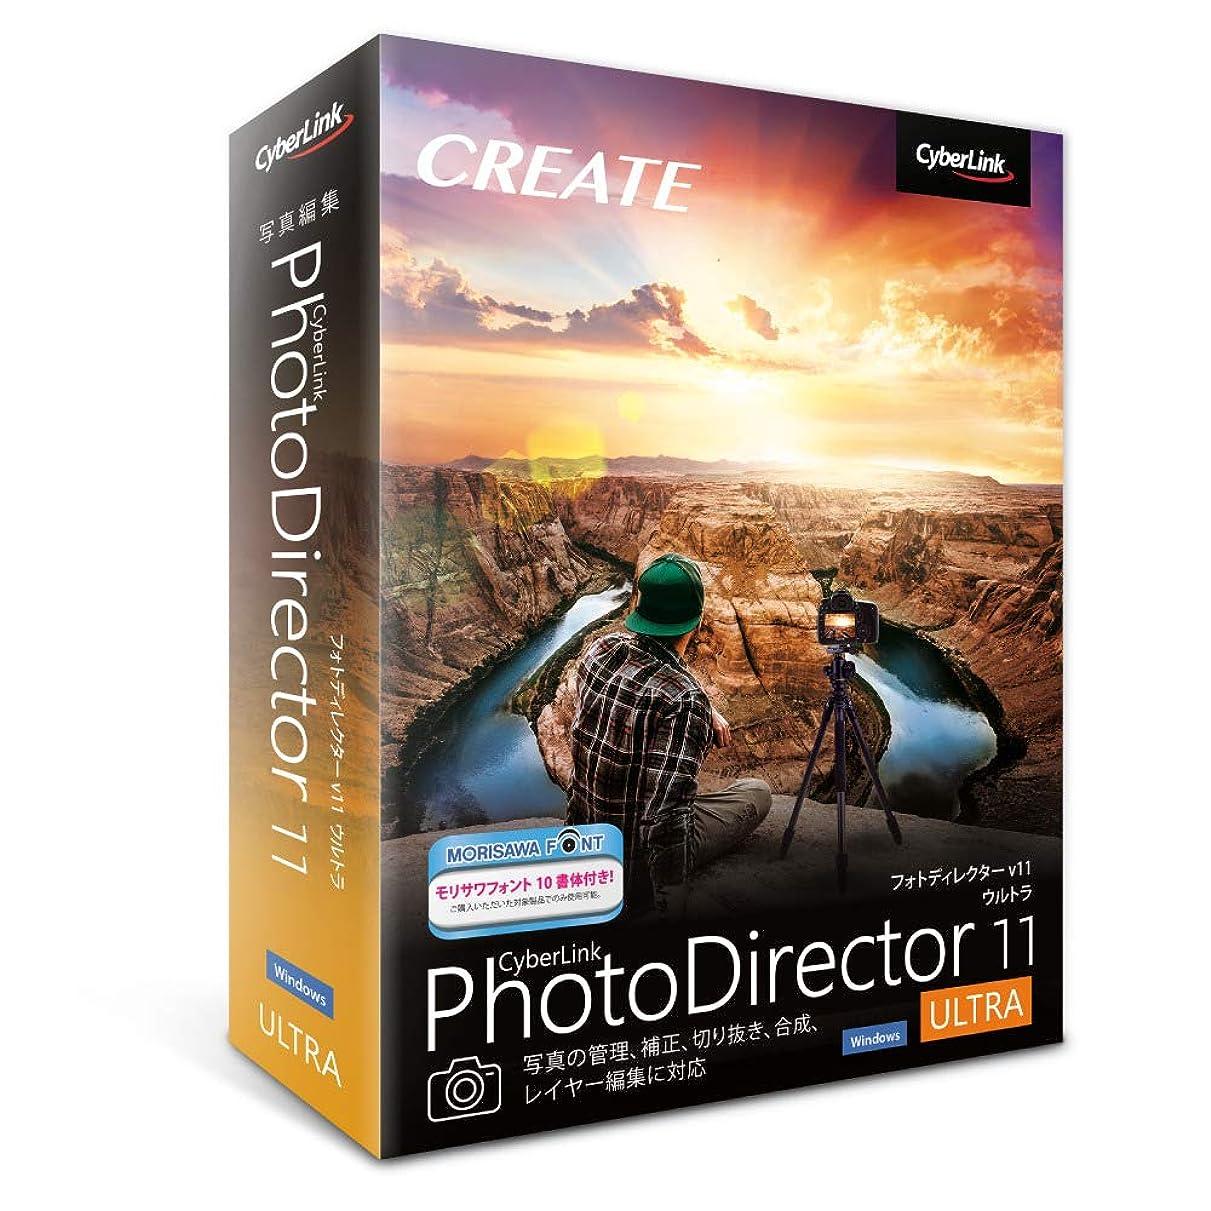 ボランティア適用済み出会い【最新版】PhotoDirector 11 Ultra 通常版